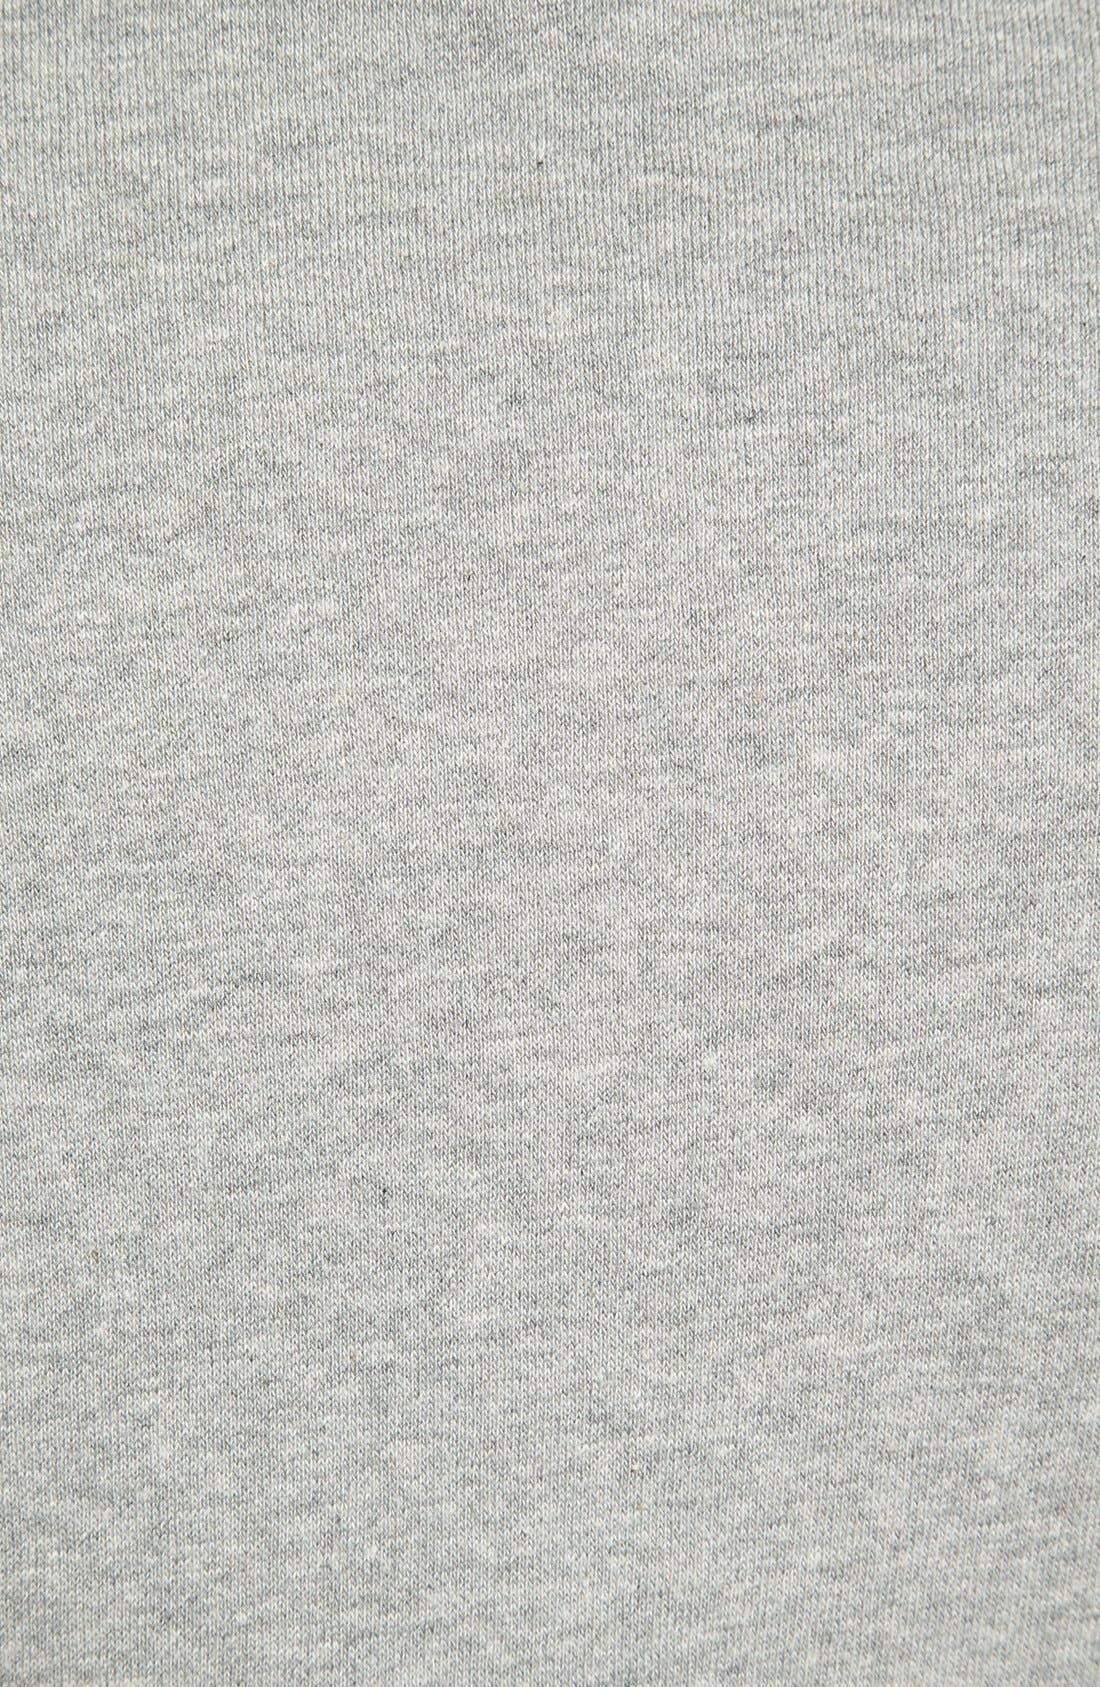 Alternate Image 3  - Nike 'Ace' Fleece Crewneck Sweatshirt